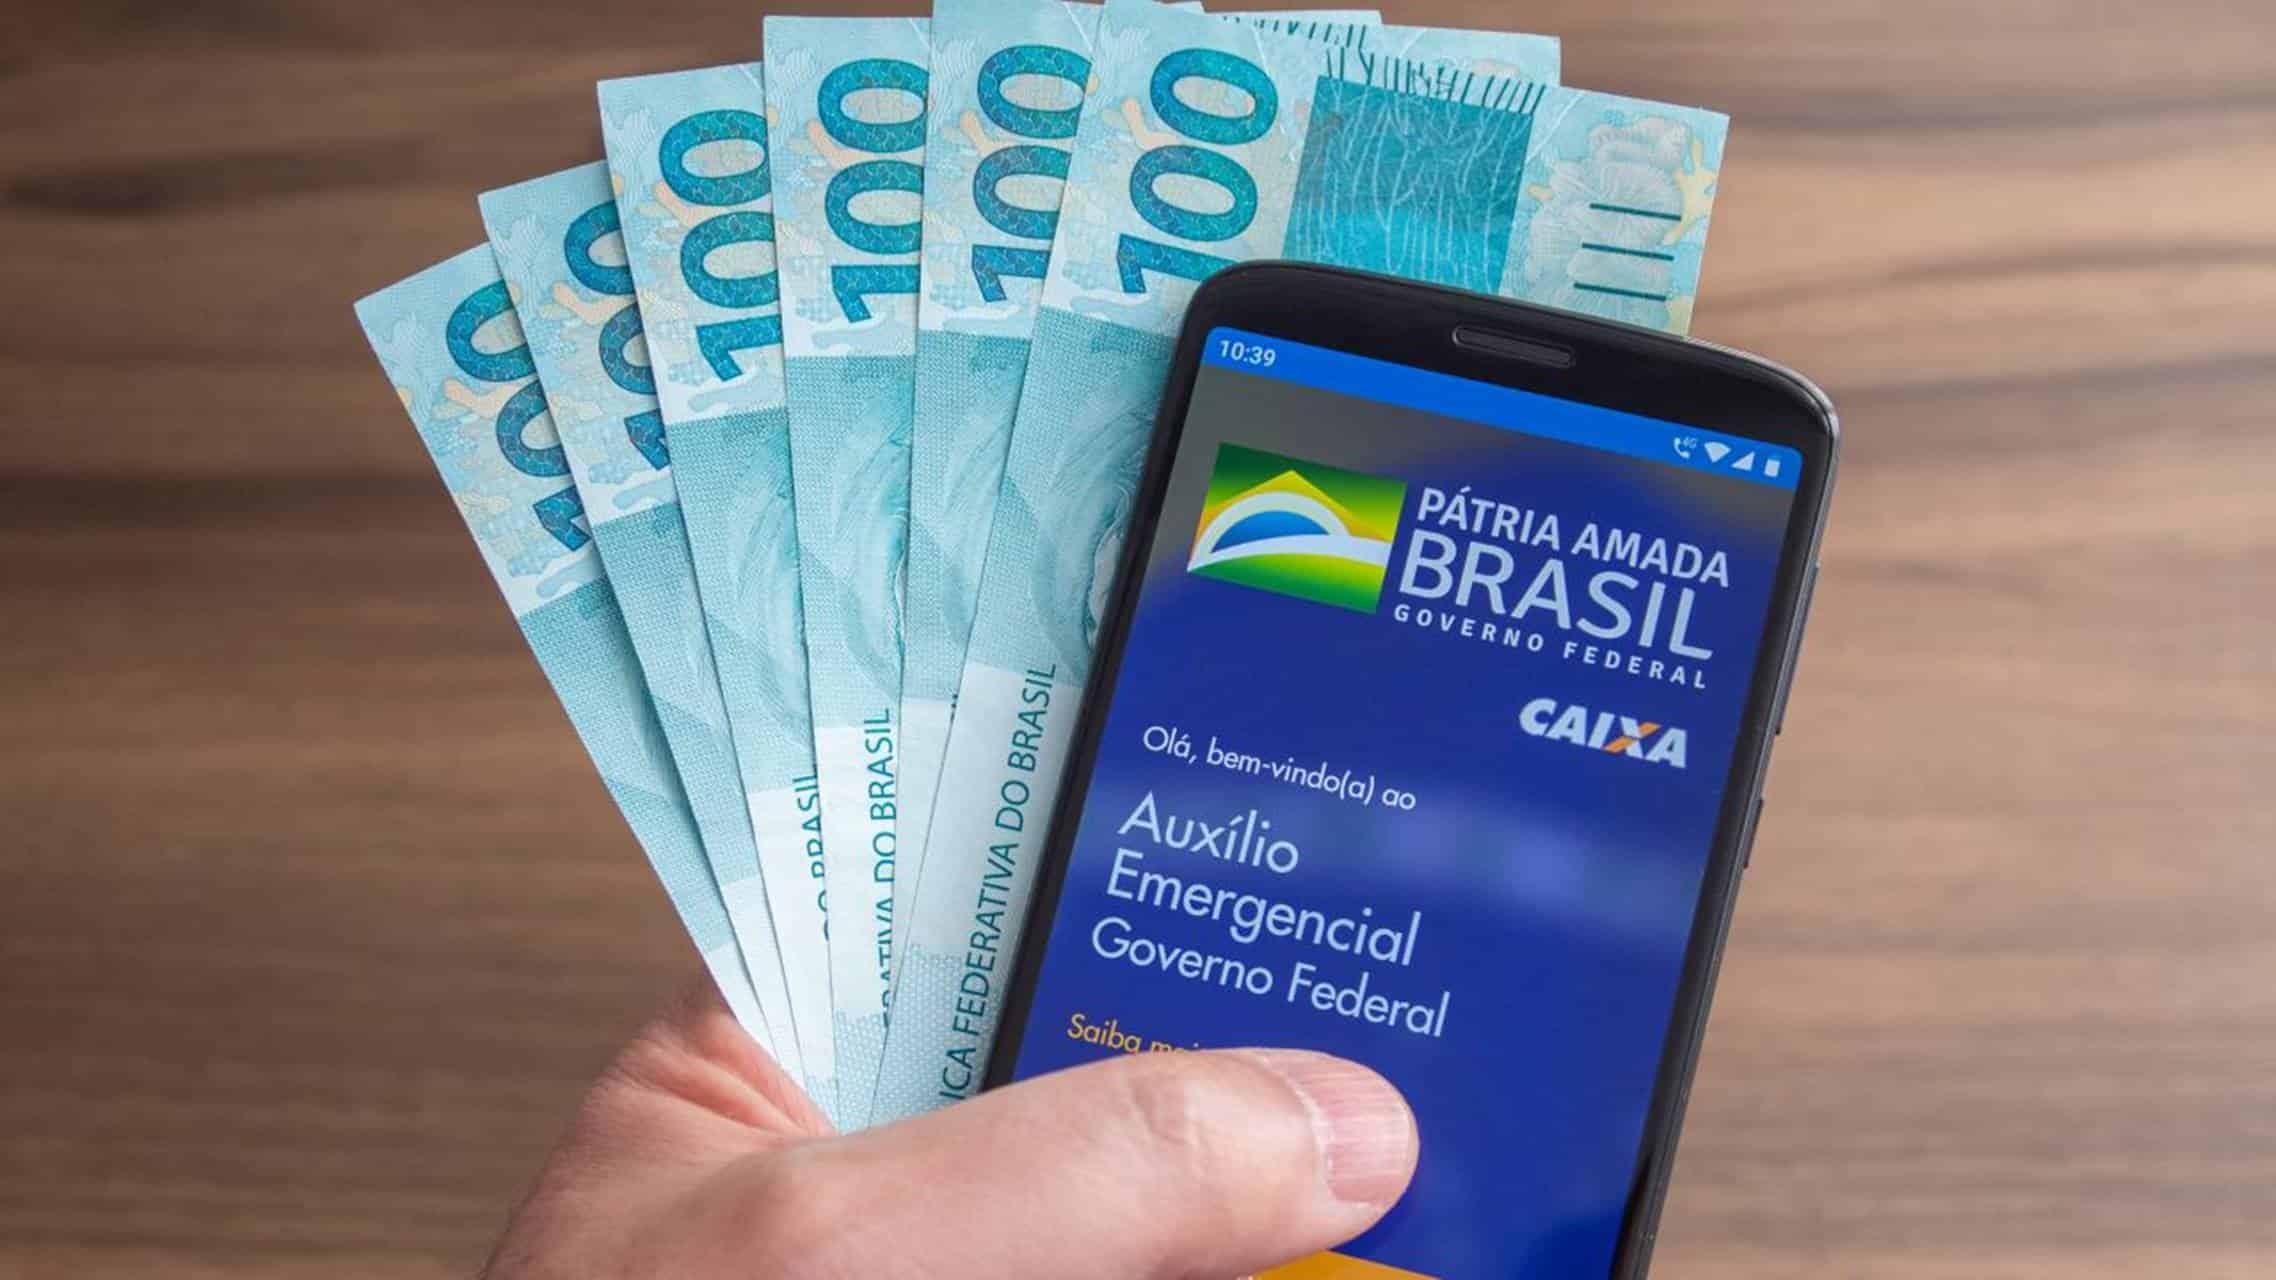 Nova parcela do auxílio emergencial beneficia 3,7 milhões de brasileiros